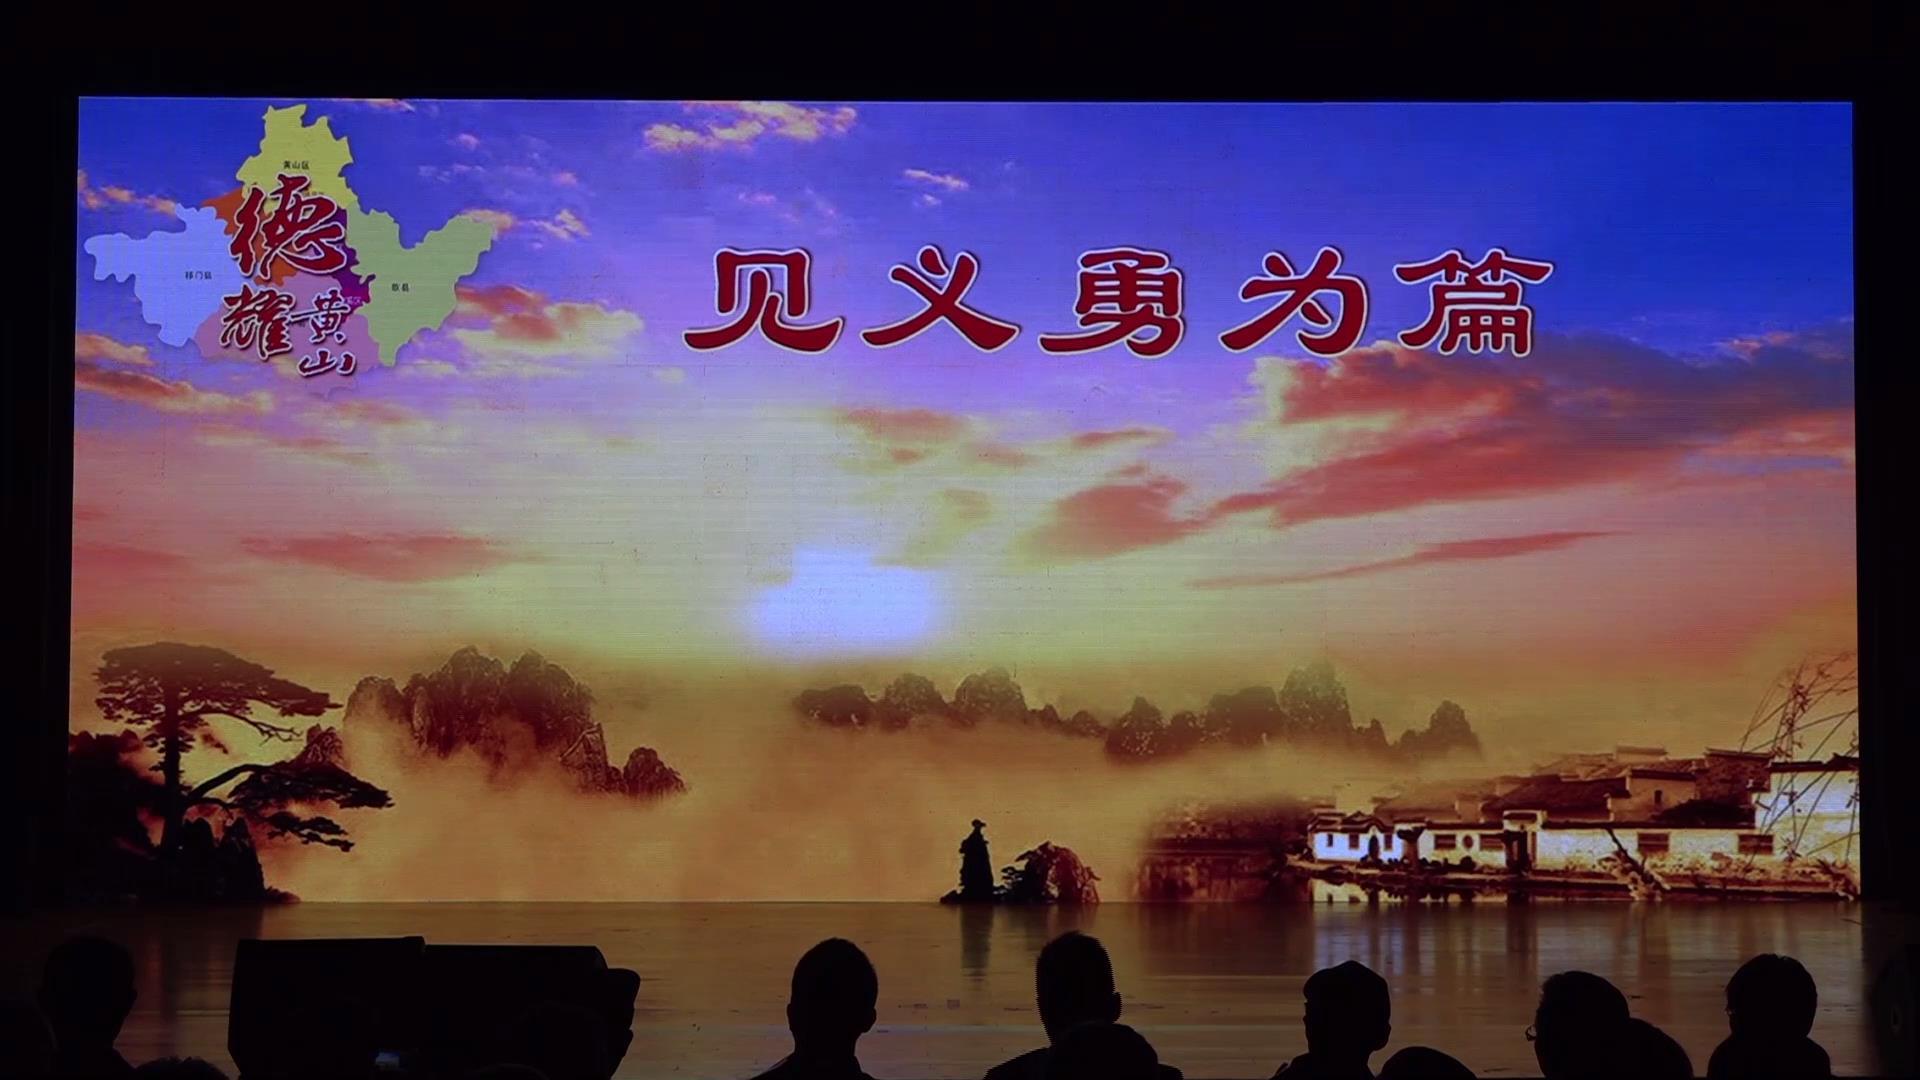 """黄山情景朗诵《又见烙饼哥》(以""""中国好人[00_00_01][20190218-145344].jpg"""